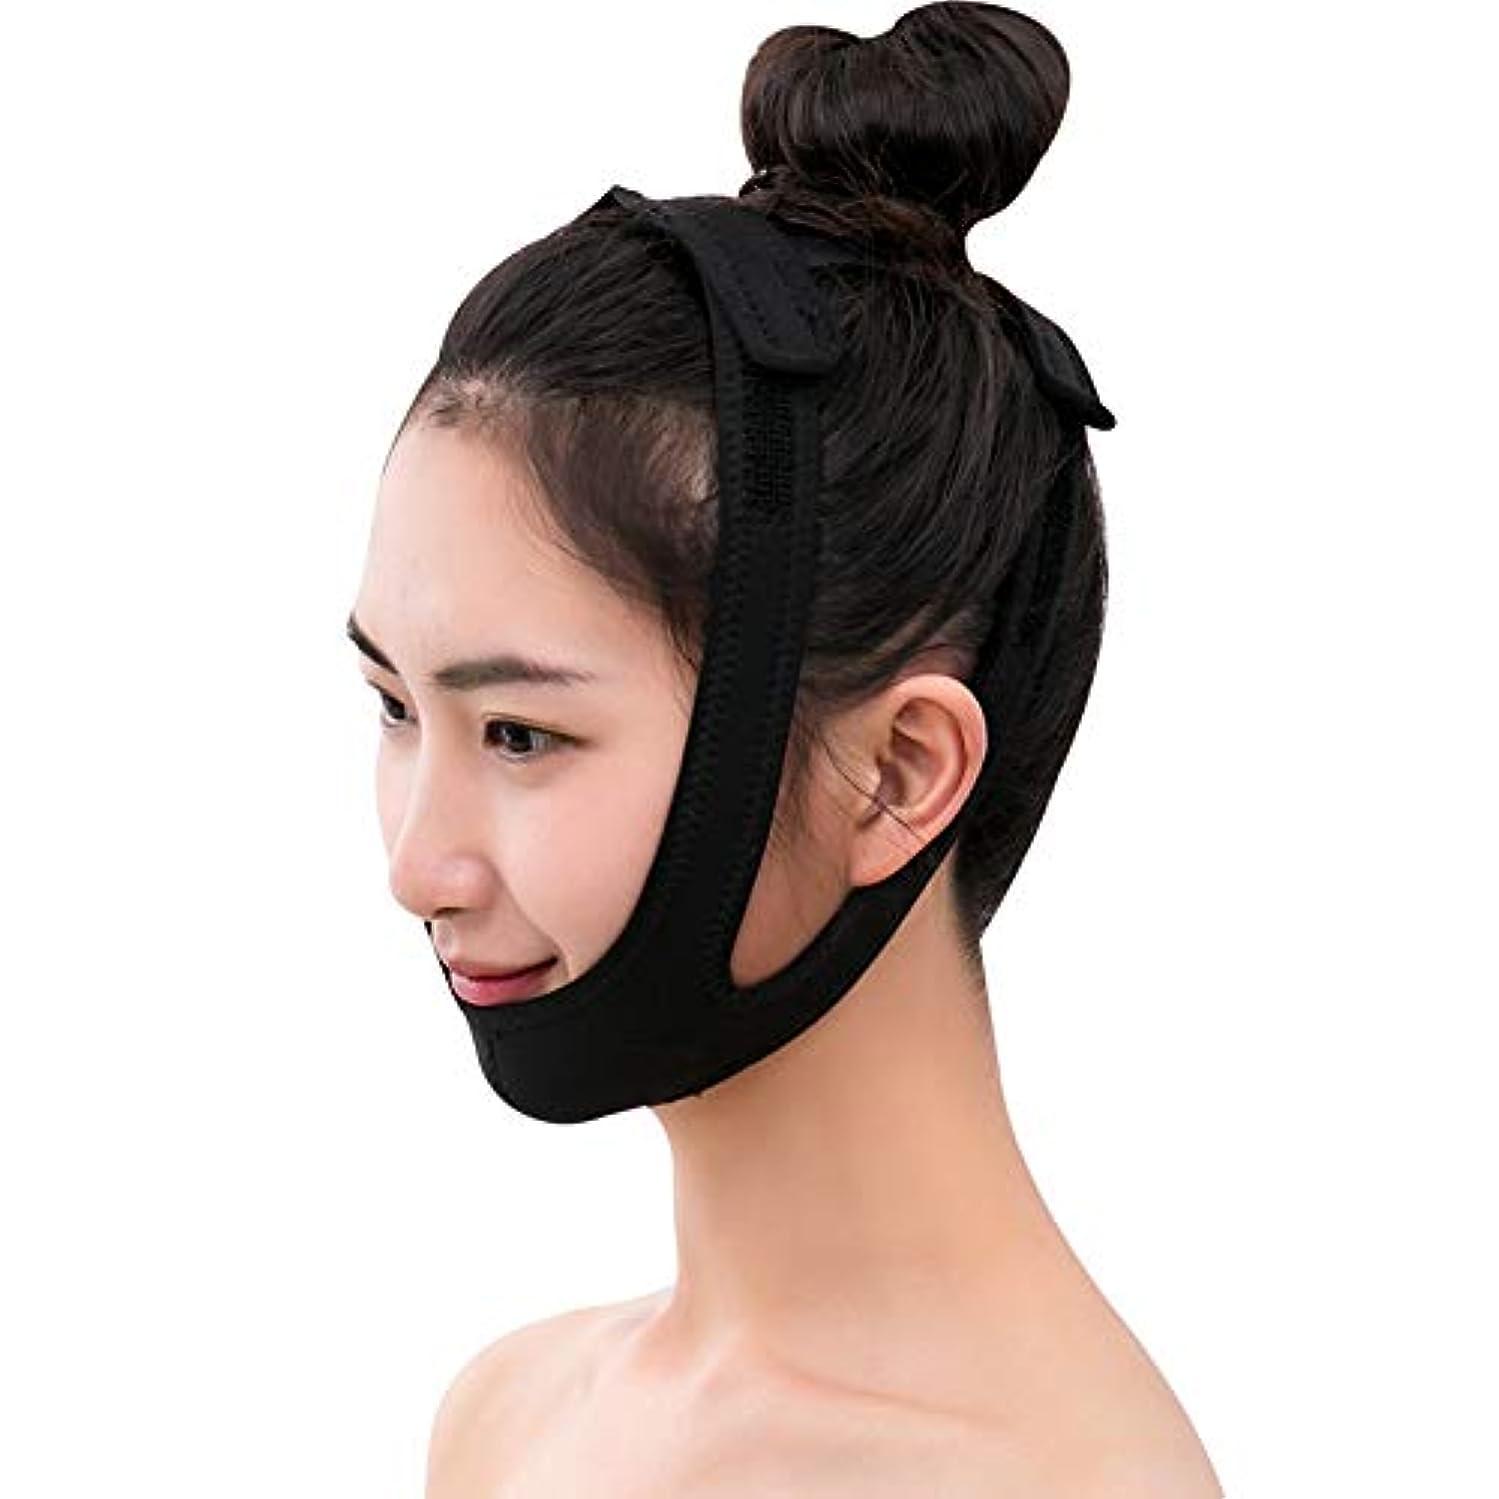 背骨表向き靄薄いフェイスバンド - 薄い顔の包帯ビューティーインストゥルメントフェイシャルリフト睡眠マスク法Vフェイスマスクの通気性を作る 美しさ